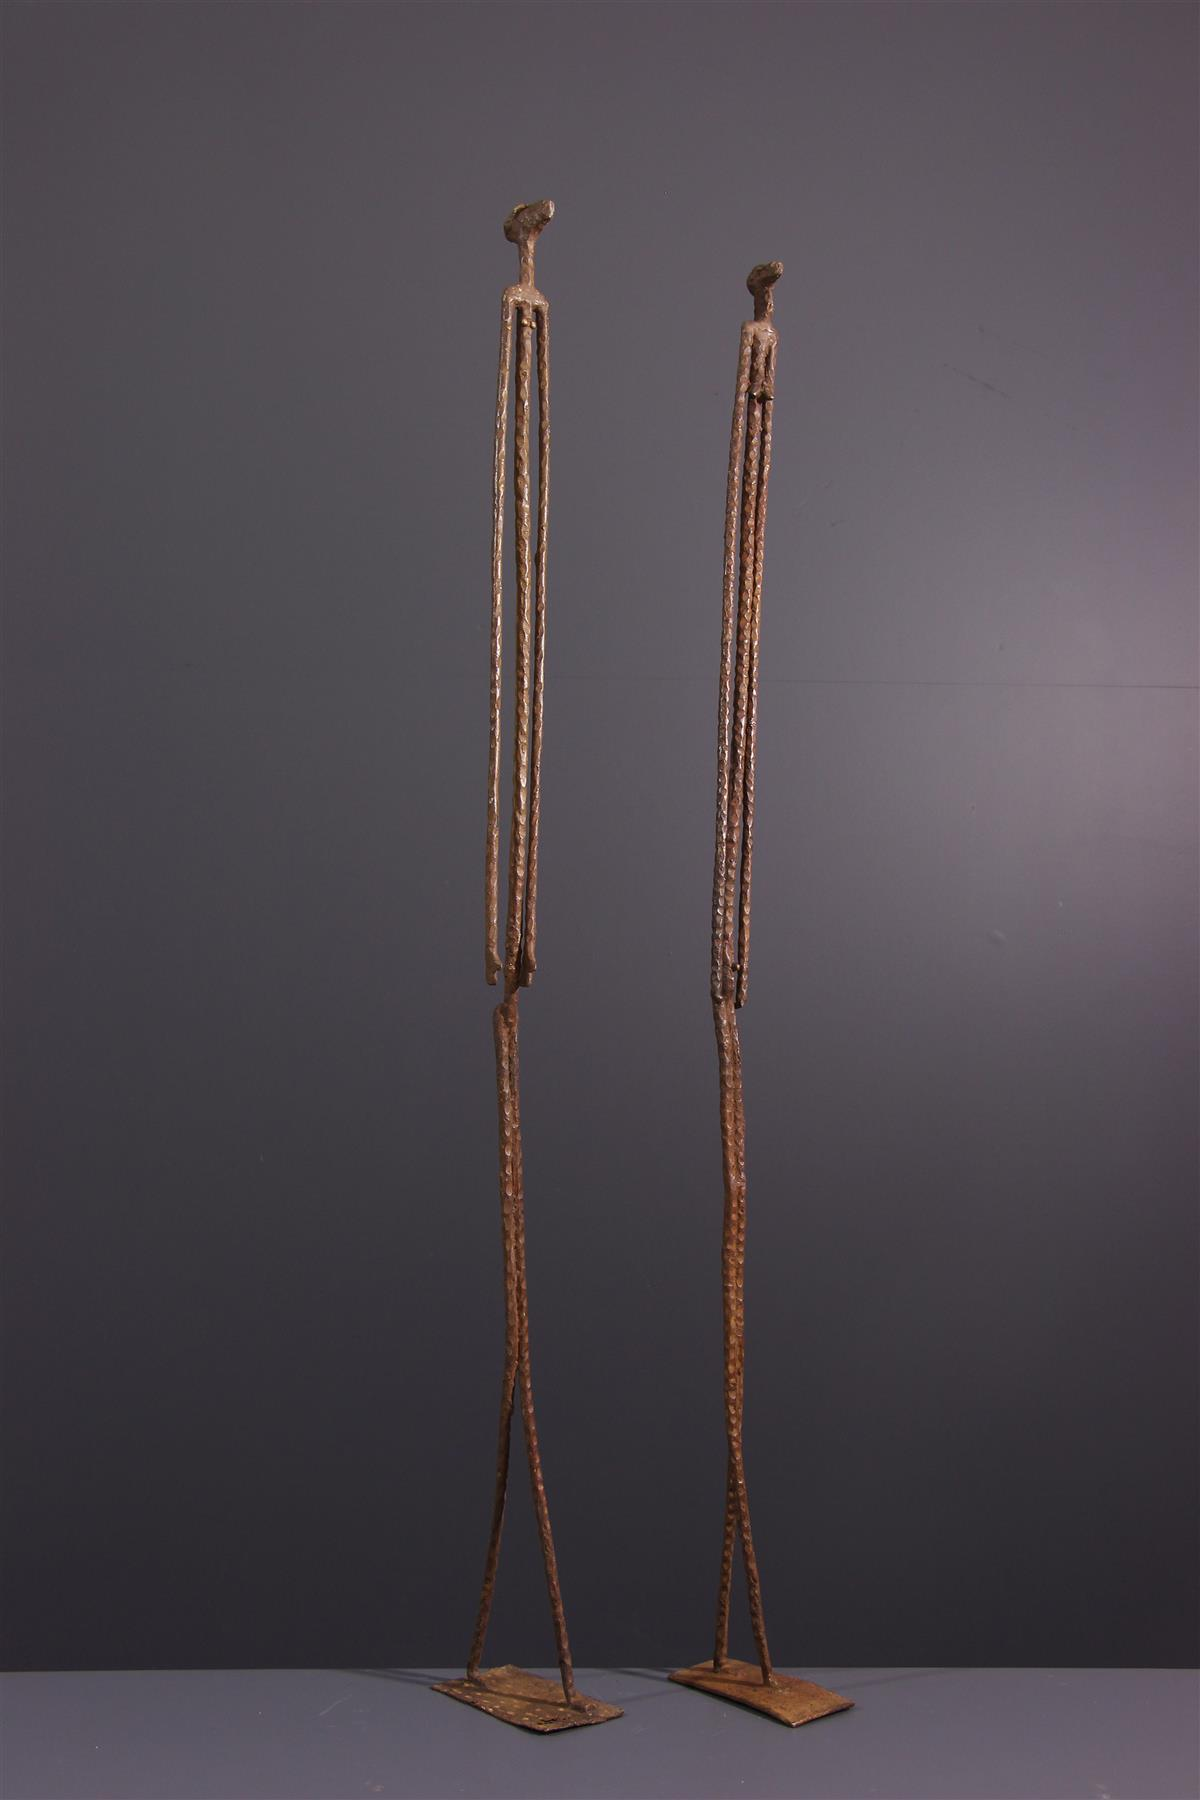 Dogon figures - African art